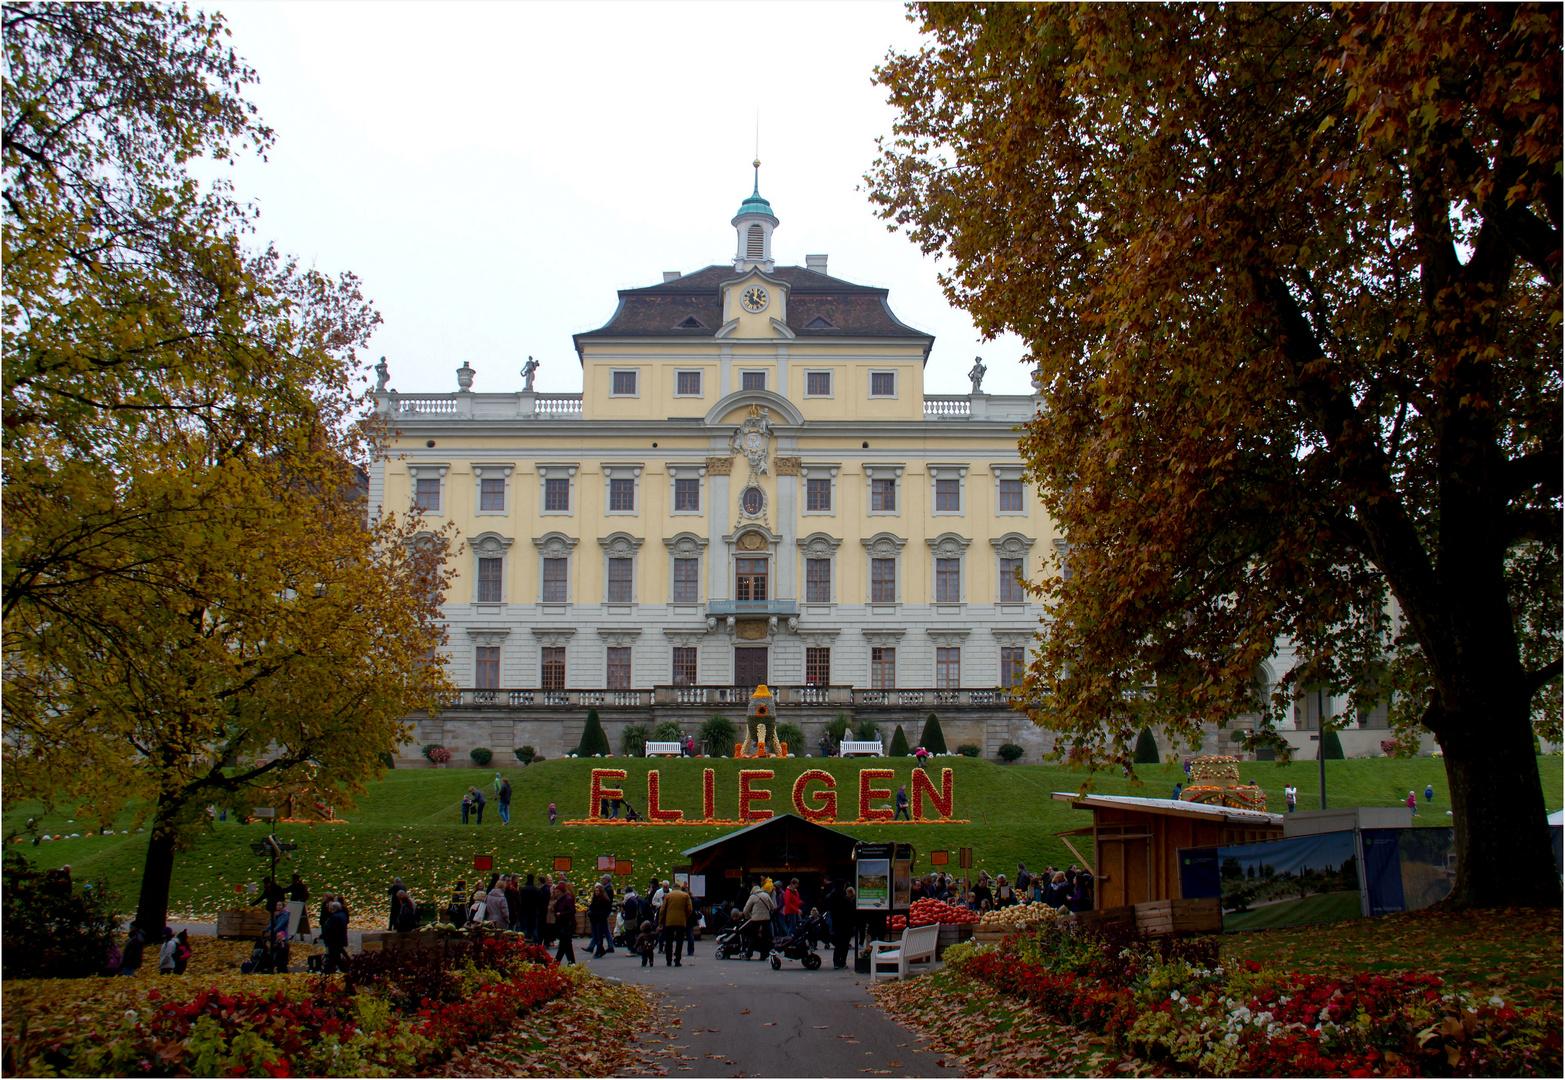 residenzschloss ludwigsburg (5)